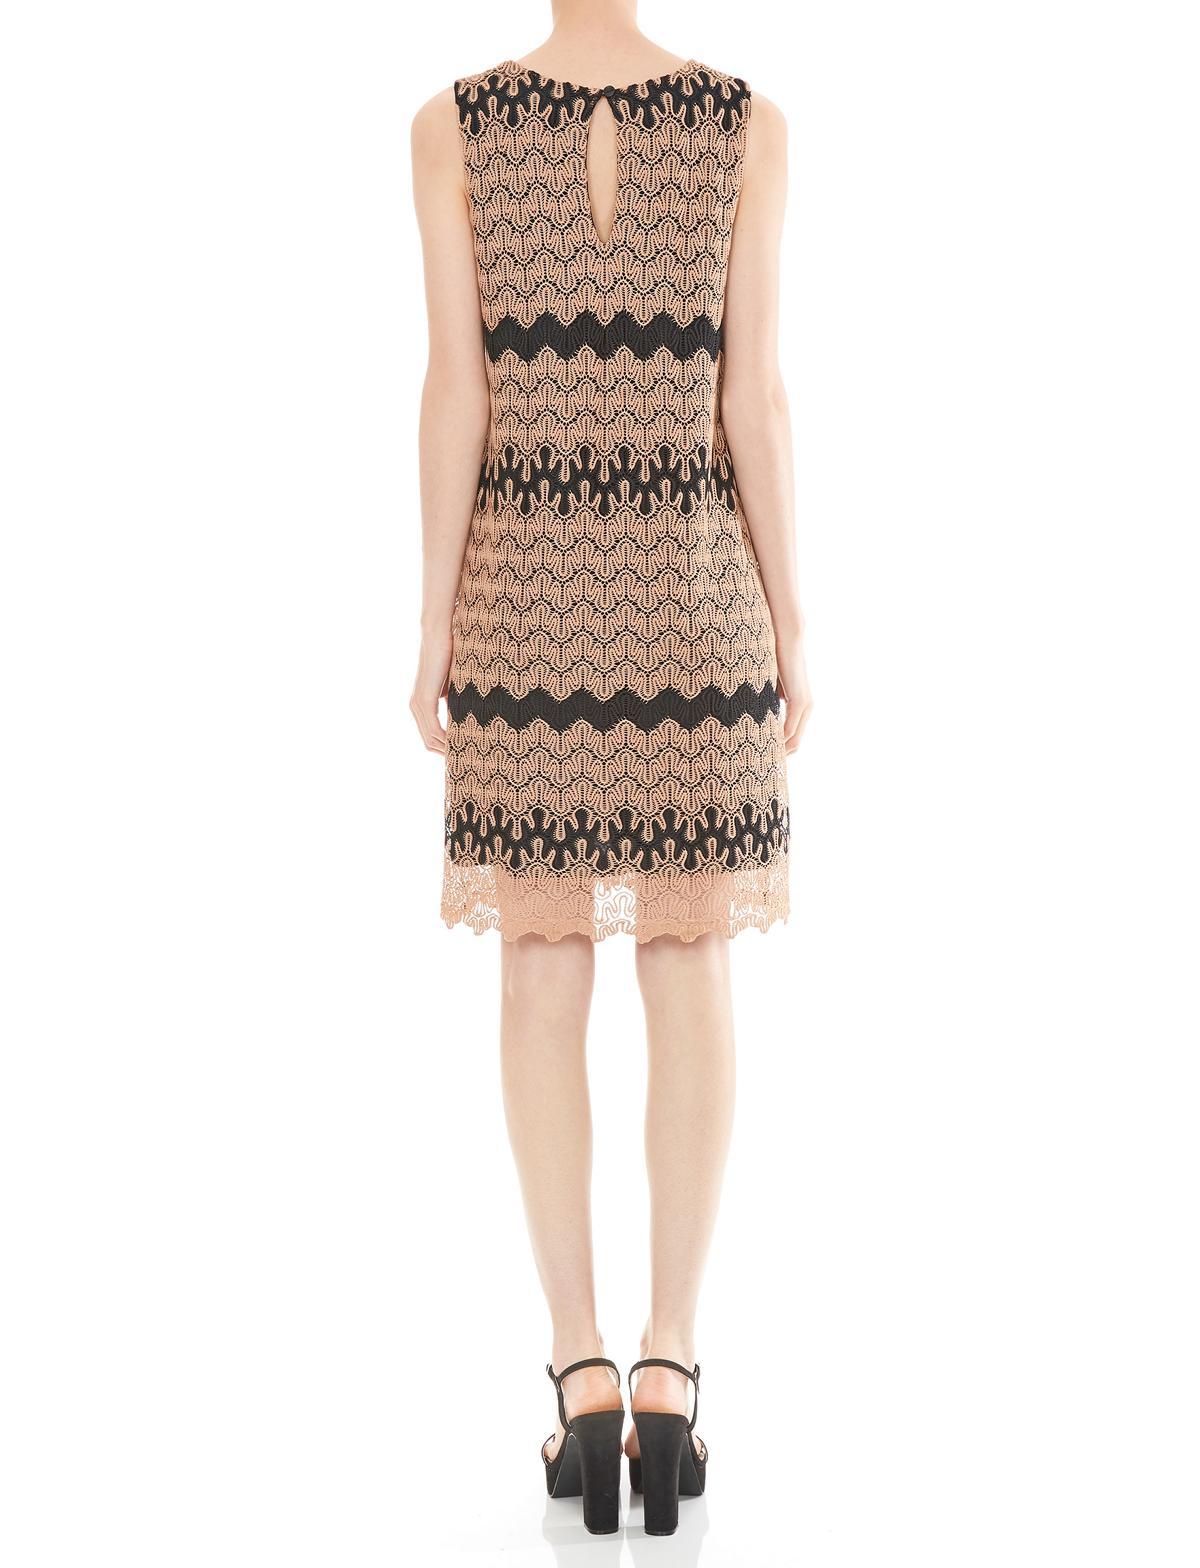 Rückansicht von Ana Alcazar A-Linien Kleid Mashkalya  angezogen an Model